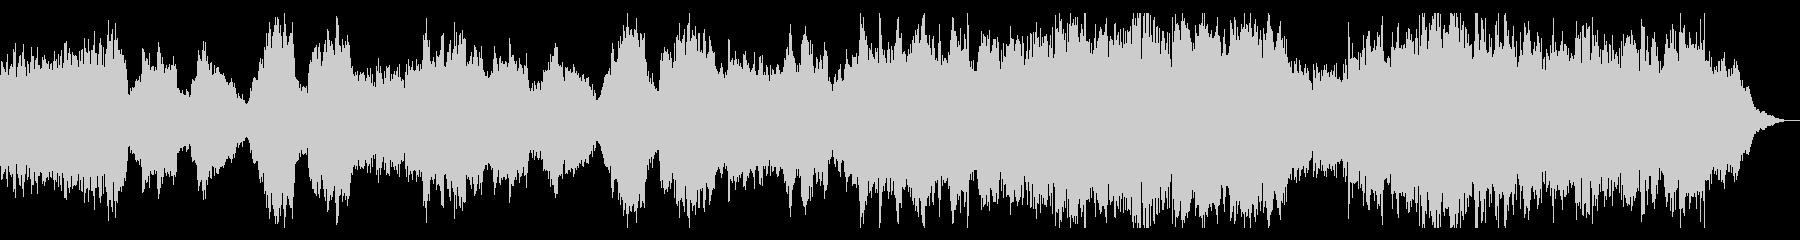 ミステリアスなピアノが特徴的な暗いBGMの未再生の波形